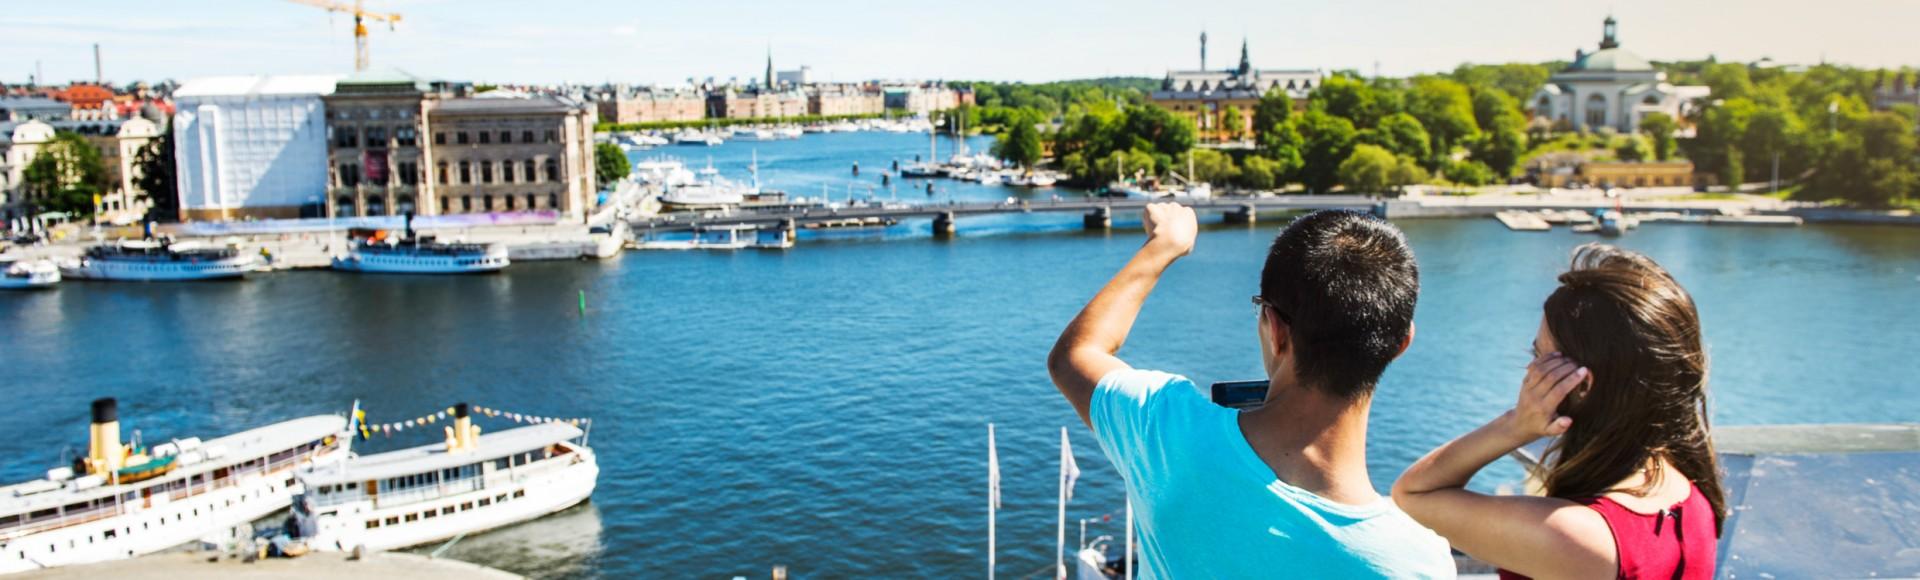 Ostern 2019: Tipps und Ideen für deinen Urlaub in Stockholm